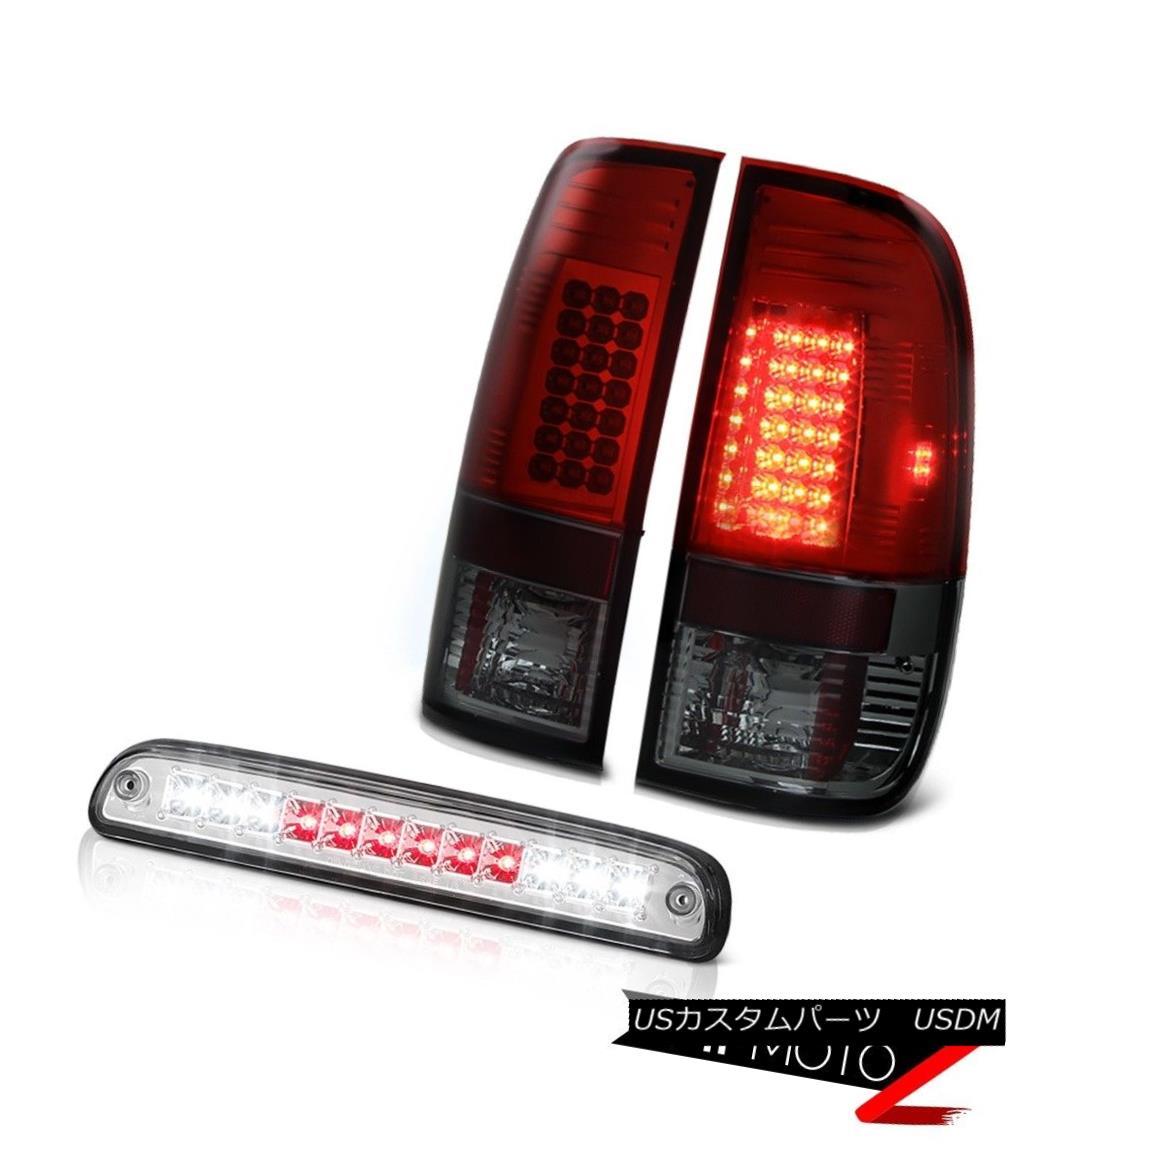 テールライト 99 00 01 02 0304 F250 XL Burgundy+Red Tail Lights LED Roof Third Brake Cargo 99 00 01 02 0304 F250 XLブルゴーニュ+レッドテールライトLED屋根第3ブレーキ貨物